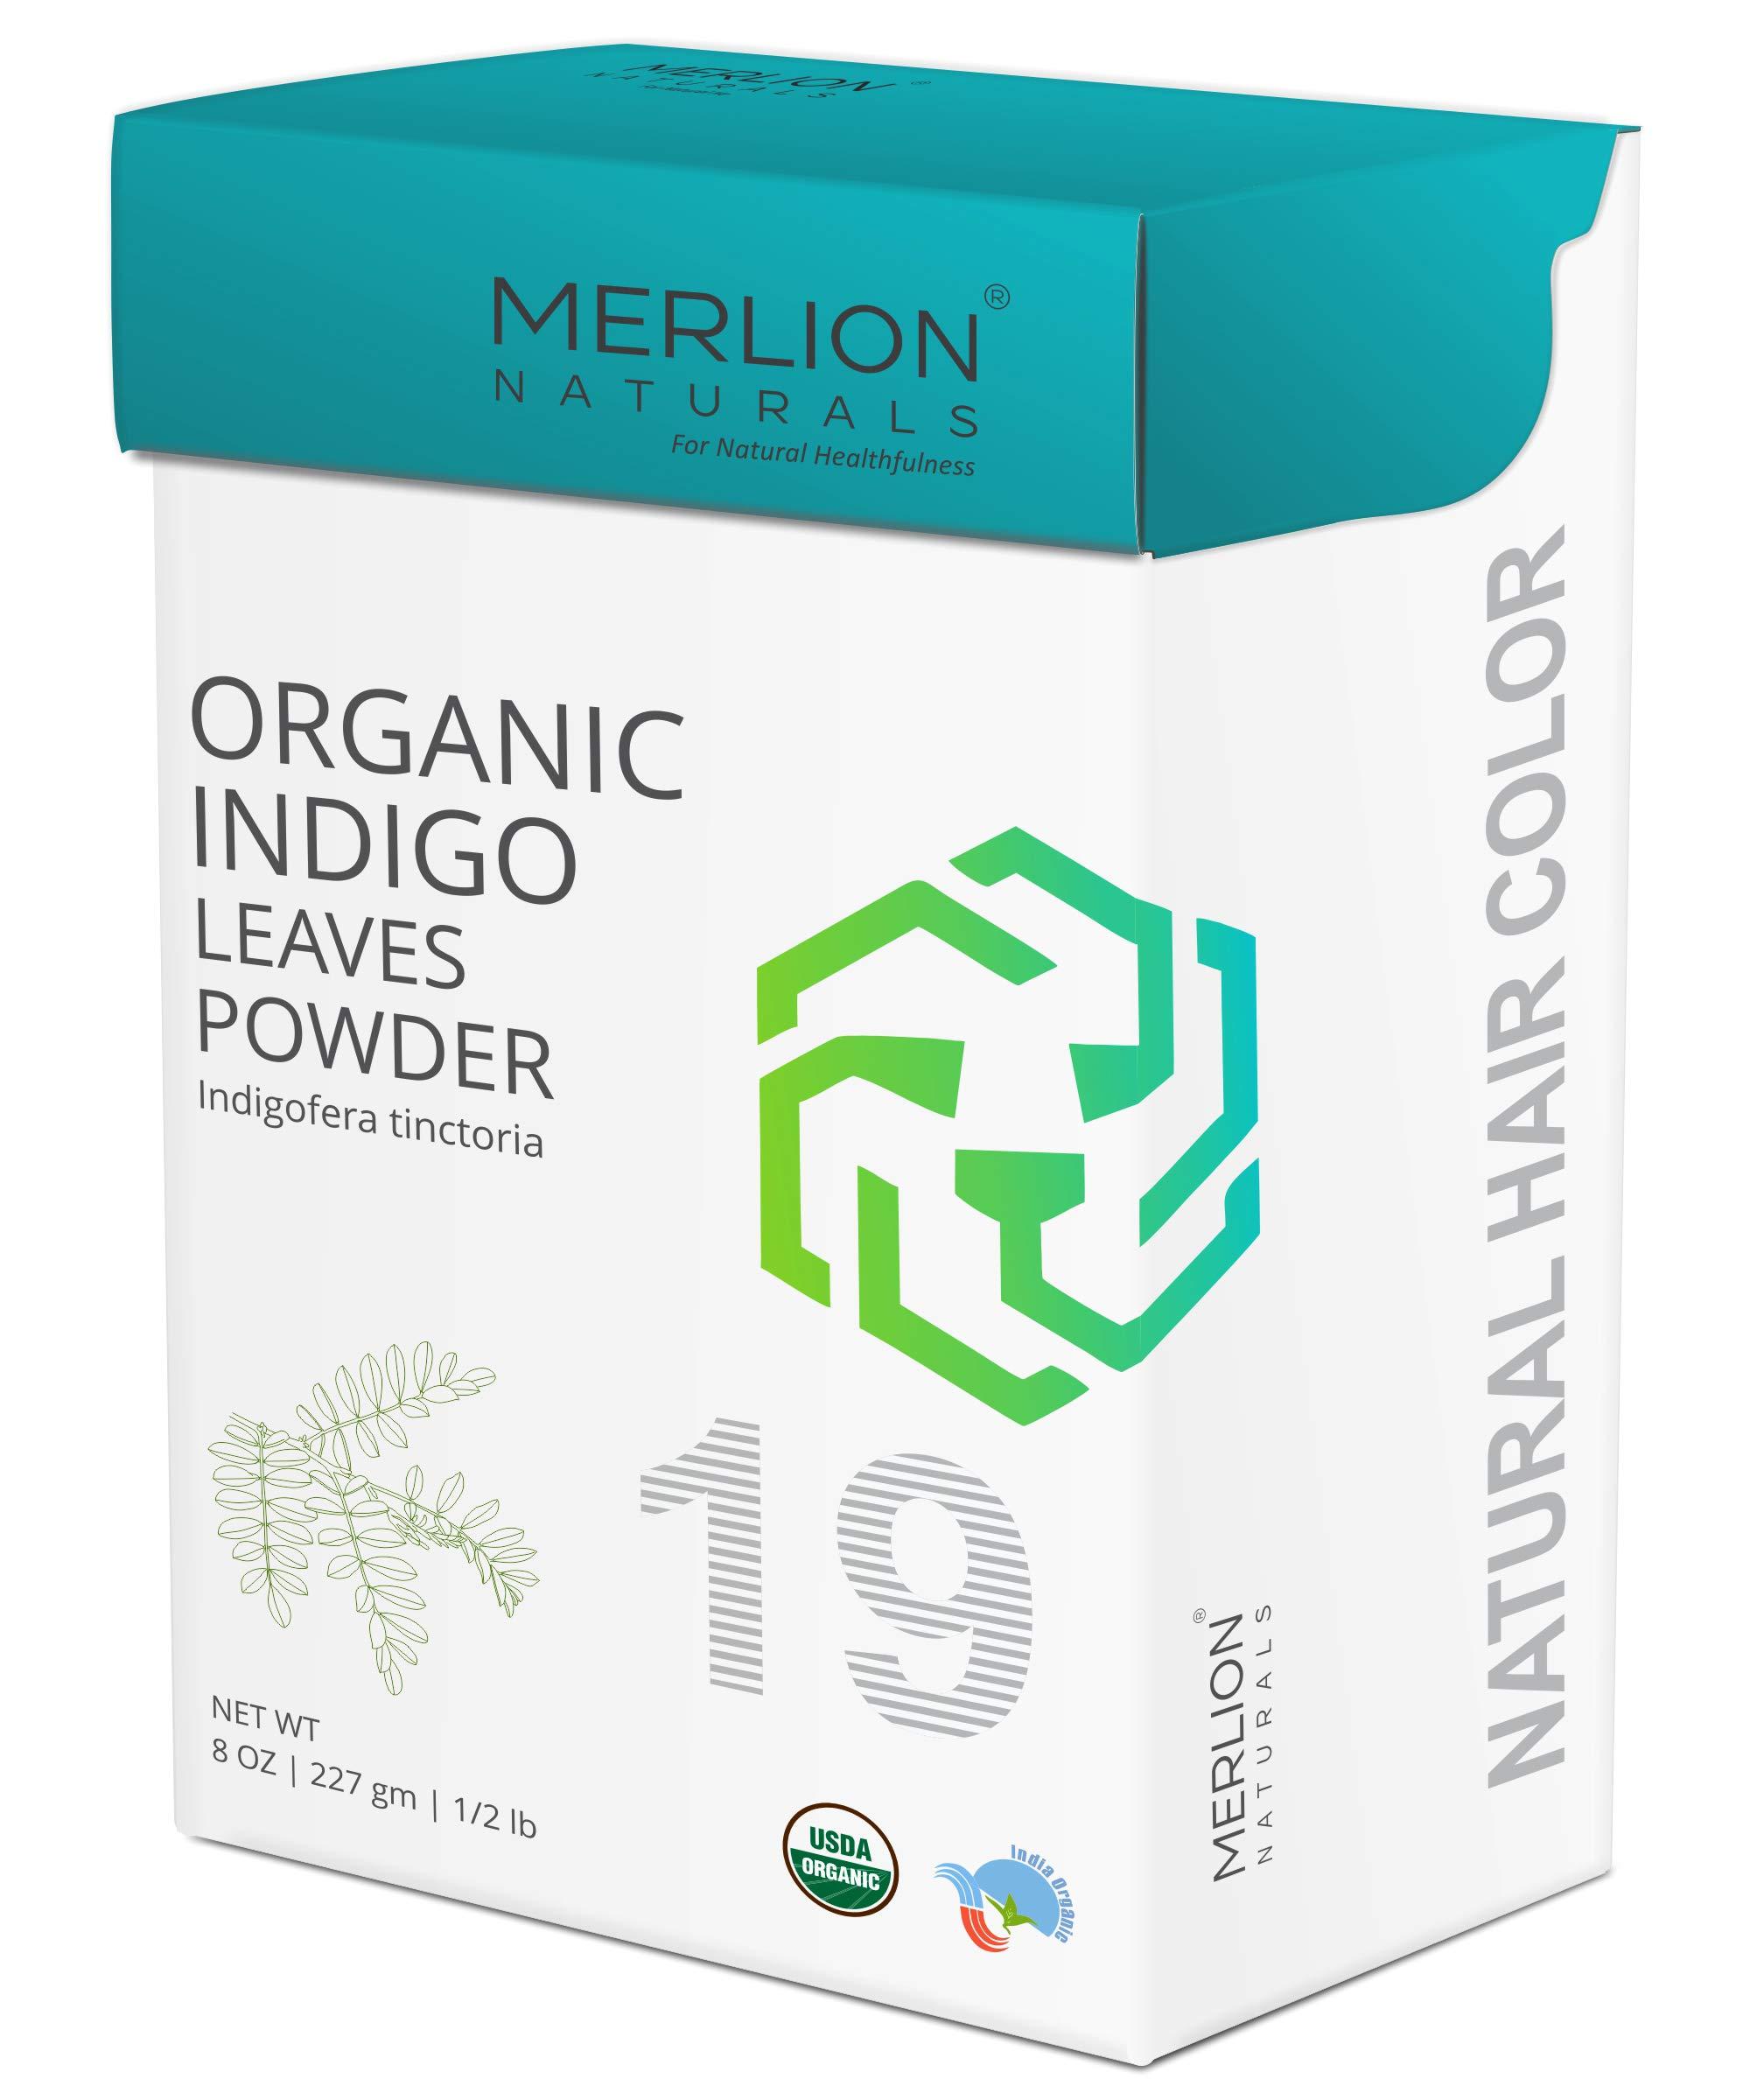 Organic Indigo Powder by MERLION NATURALS | Indigofera Tinctoria | USDA NOP Certified 100% Organic (8 OZ) by MERLION NATURALS